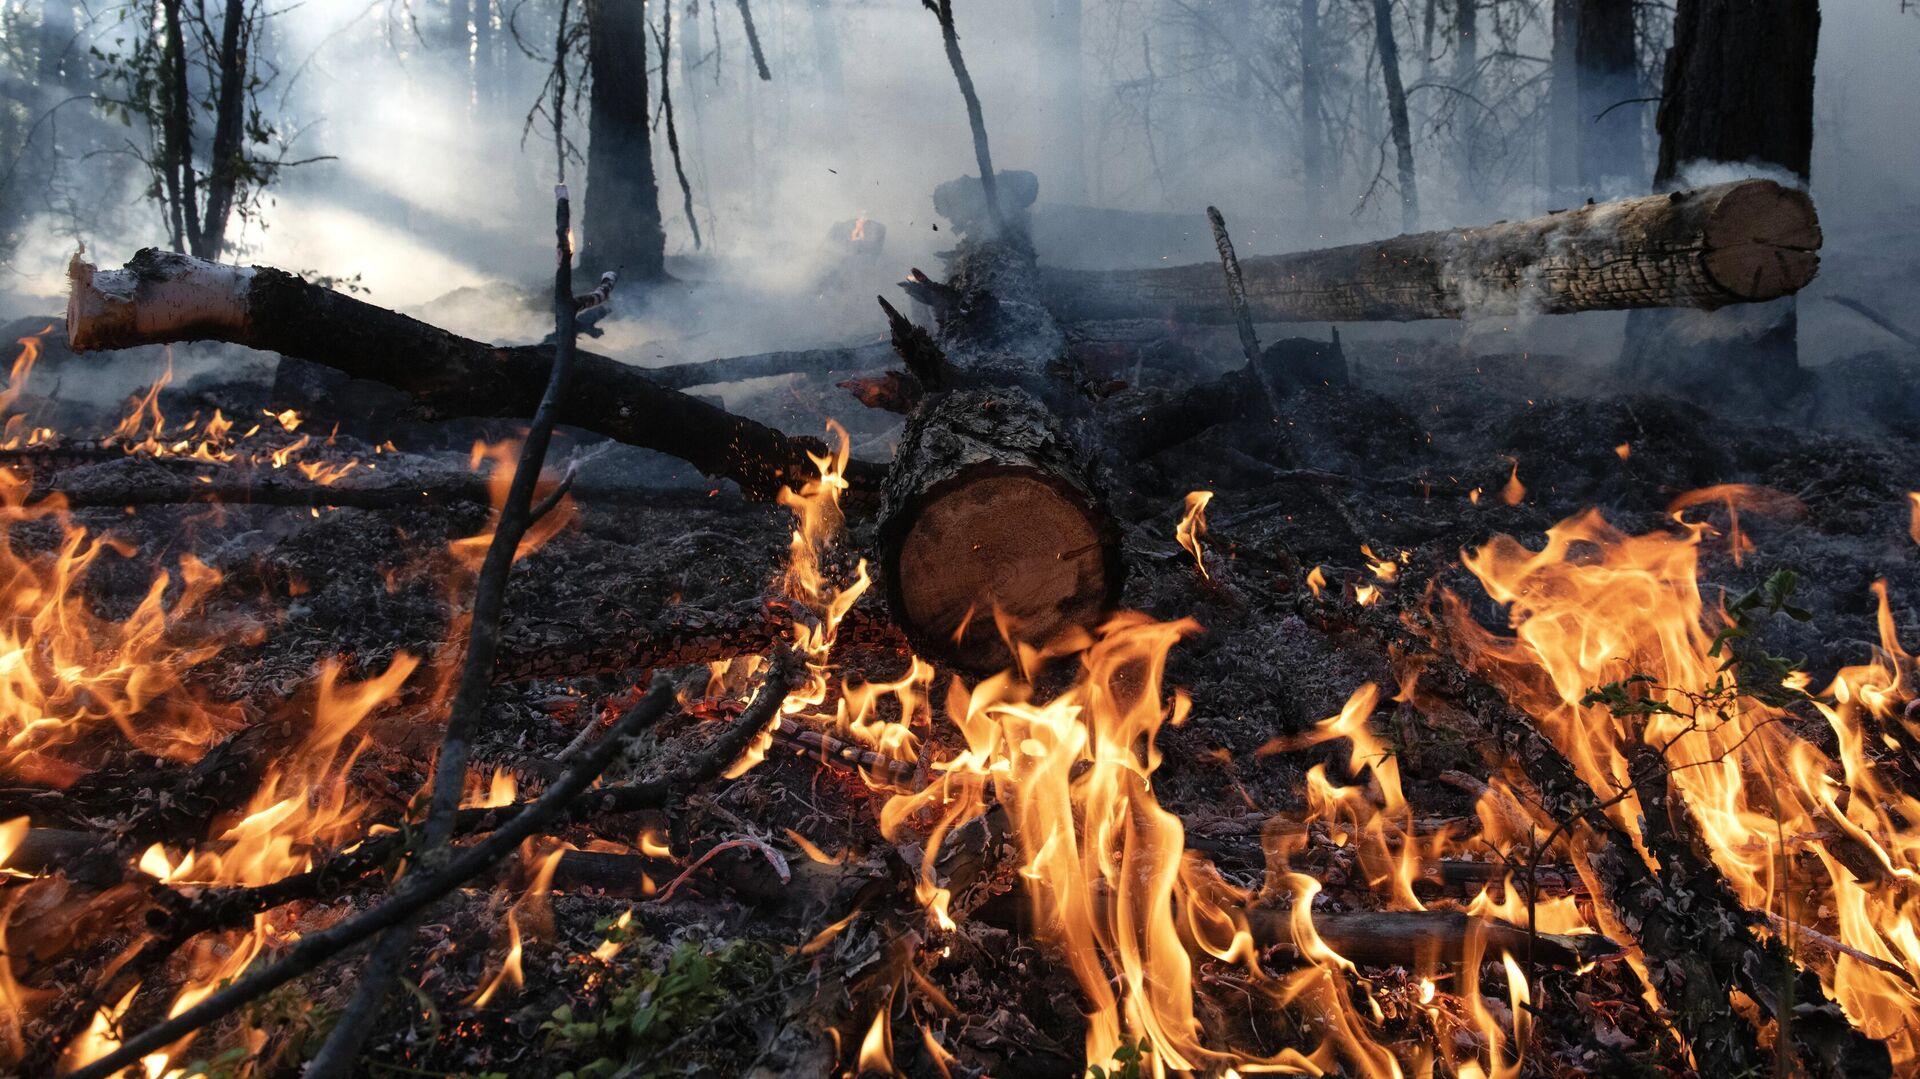 МЧС оценило площадь двух очагов пожаров в Мордовии и Нижегородской области